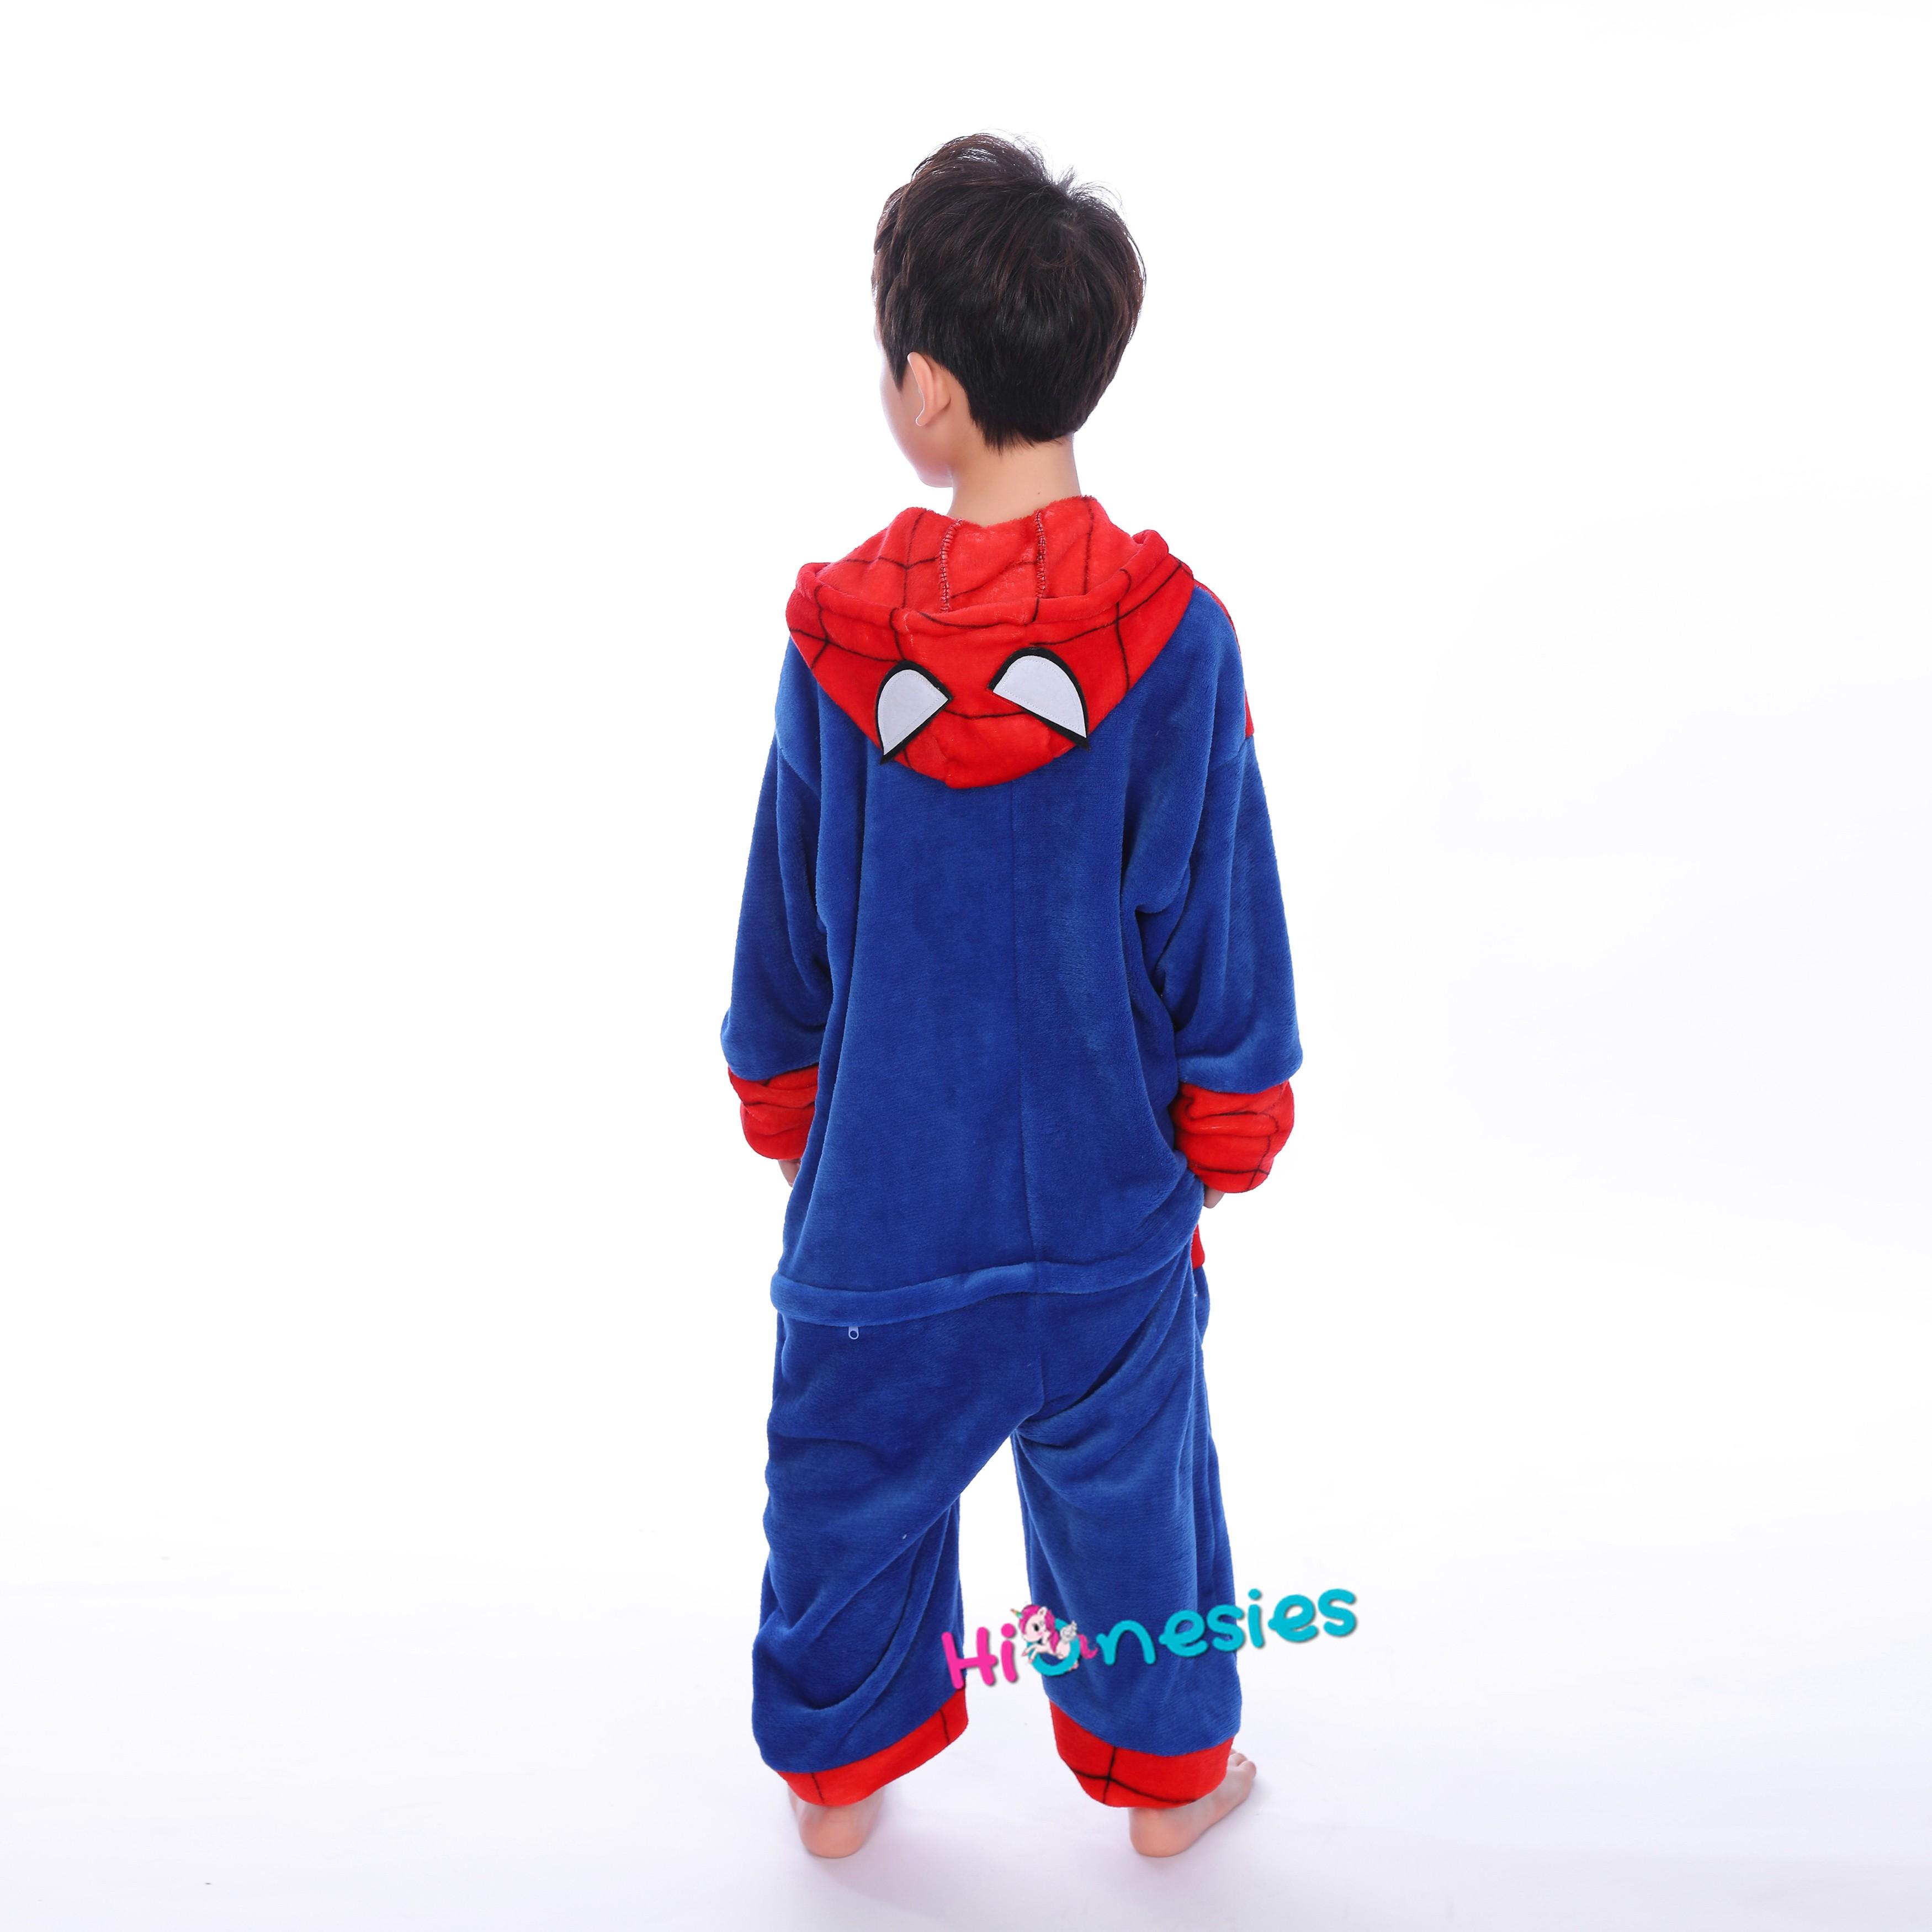 776b5d9171 Loading ... Spiderman Onesie for Kid Kigurumi Pajama Halloween Costumes ·  Spiderman Onesie for Kid Kigurumi Pajama ...